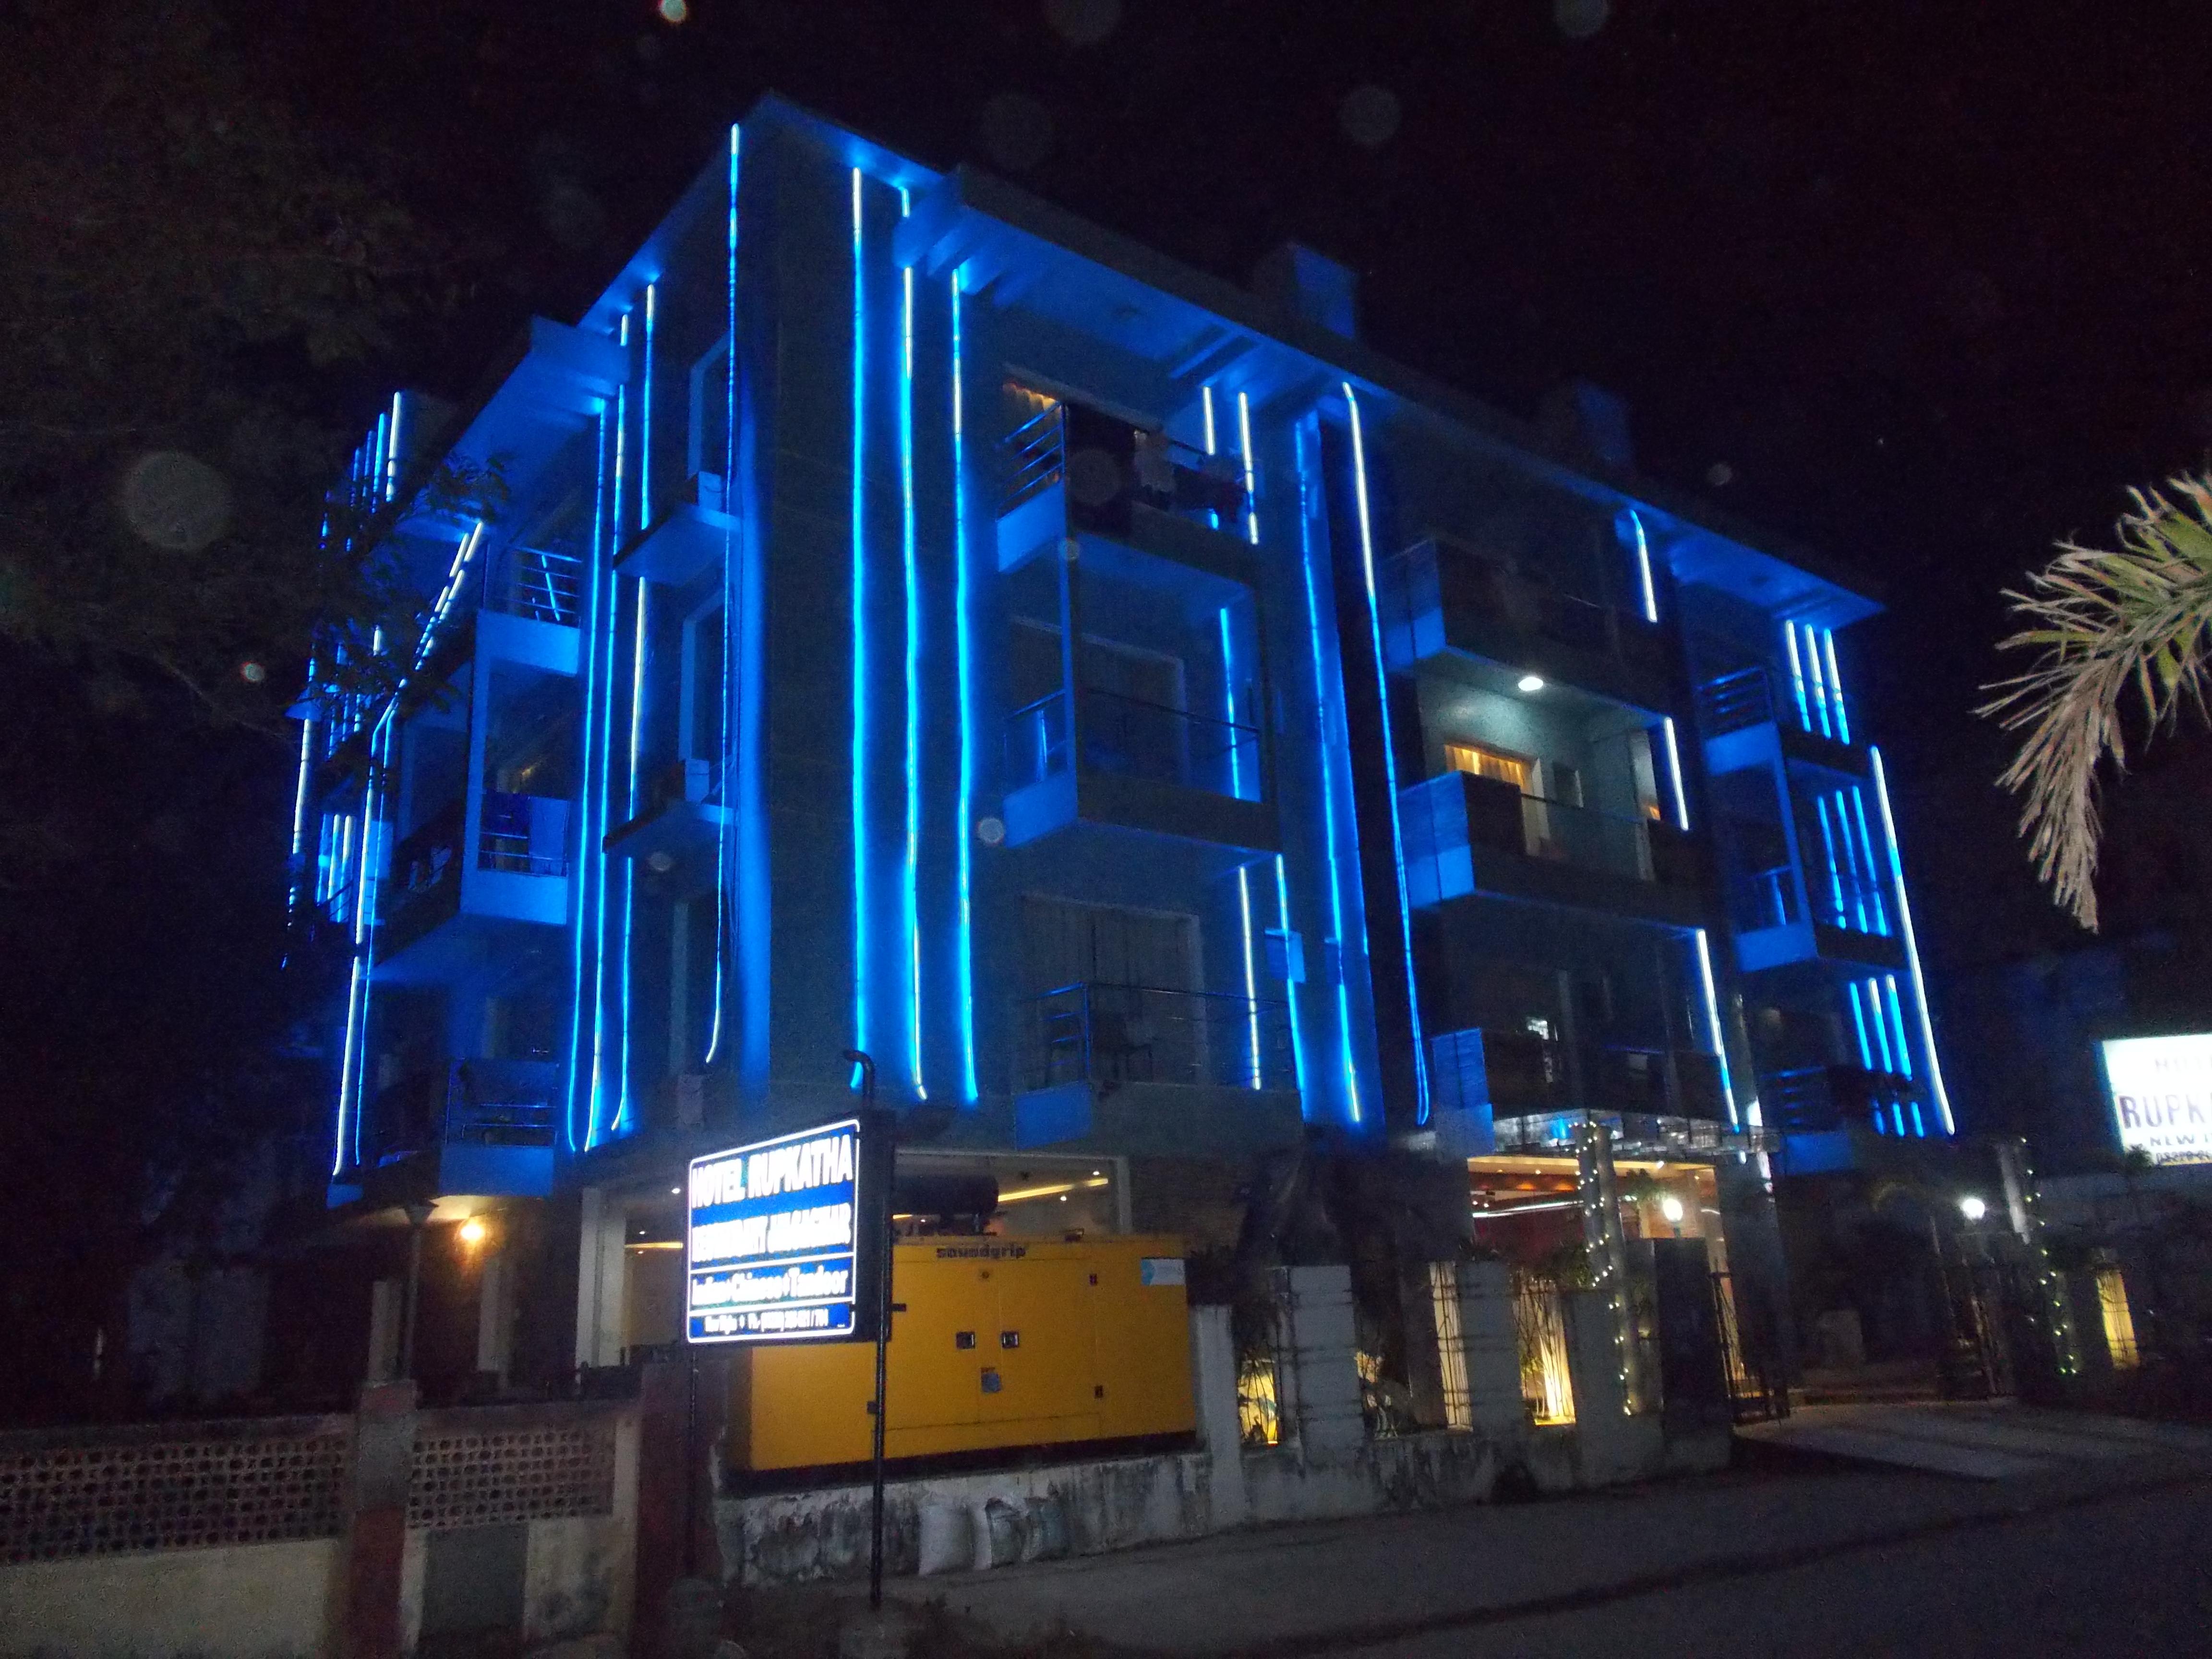 Hotel Rupkatha in Digha